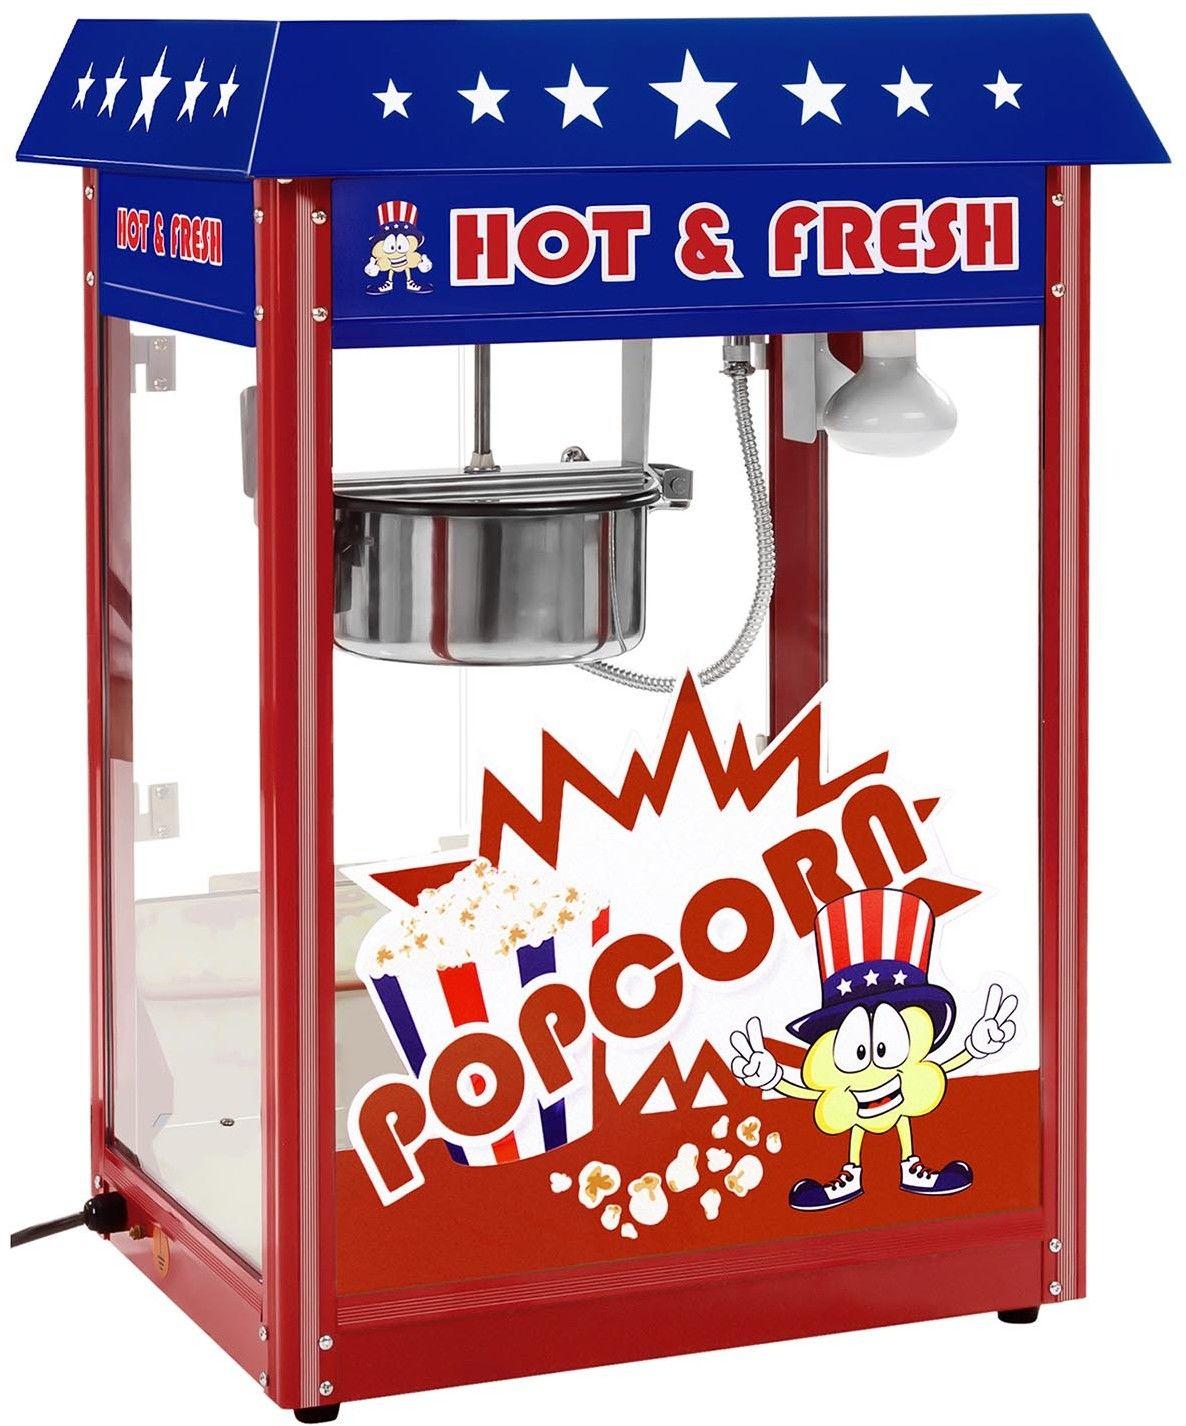 Maszyna do popcornu - amerykański design - Royal Catering - RCPR-16.1 - 3 lata gwarancji/wysyłka w 24h